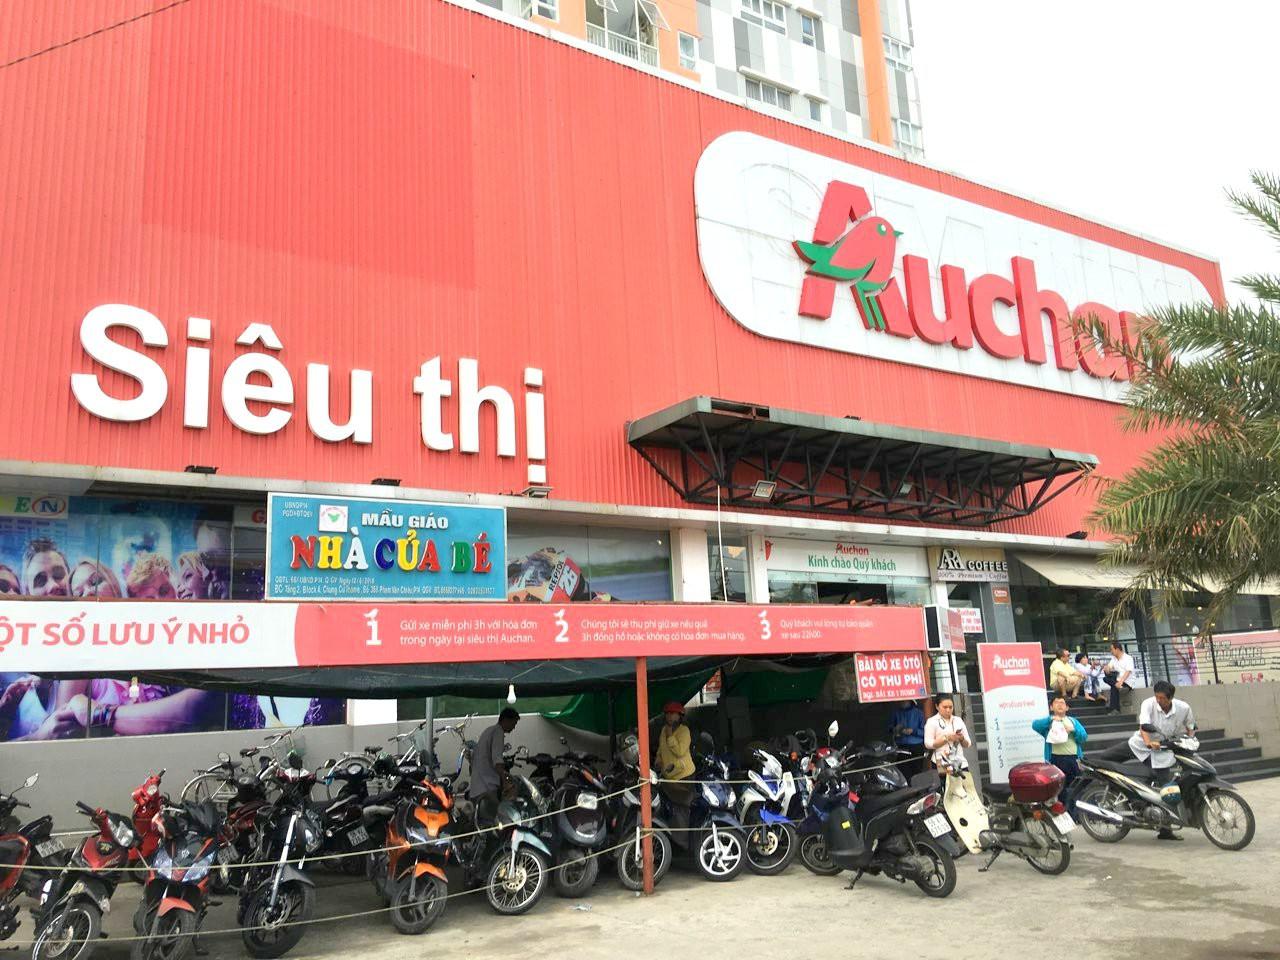 18 siêu thị Auchan tại Việt Nam sẽ sang tên đổi chủ vào thời điểm nào?  - Ảnh 2.